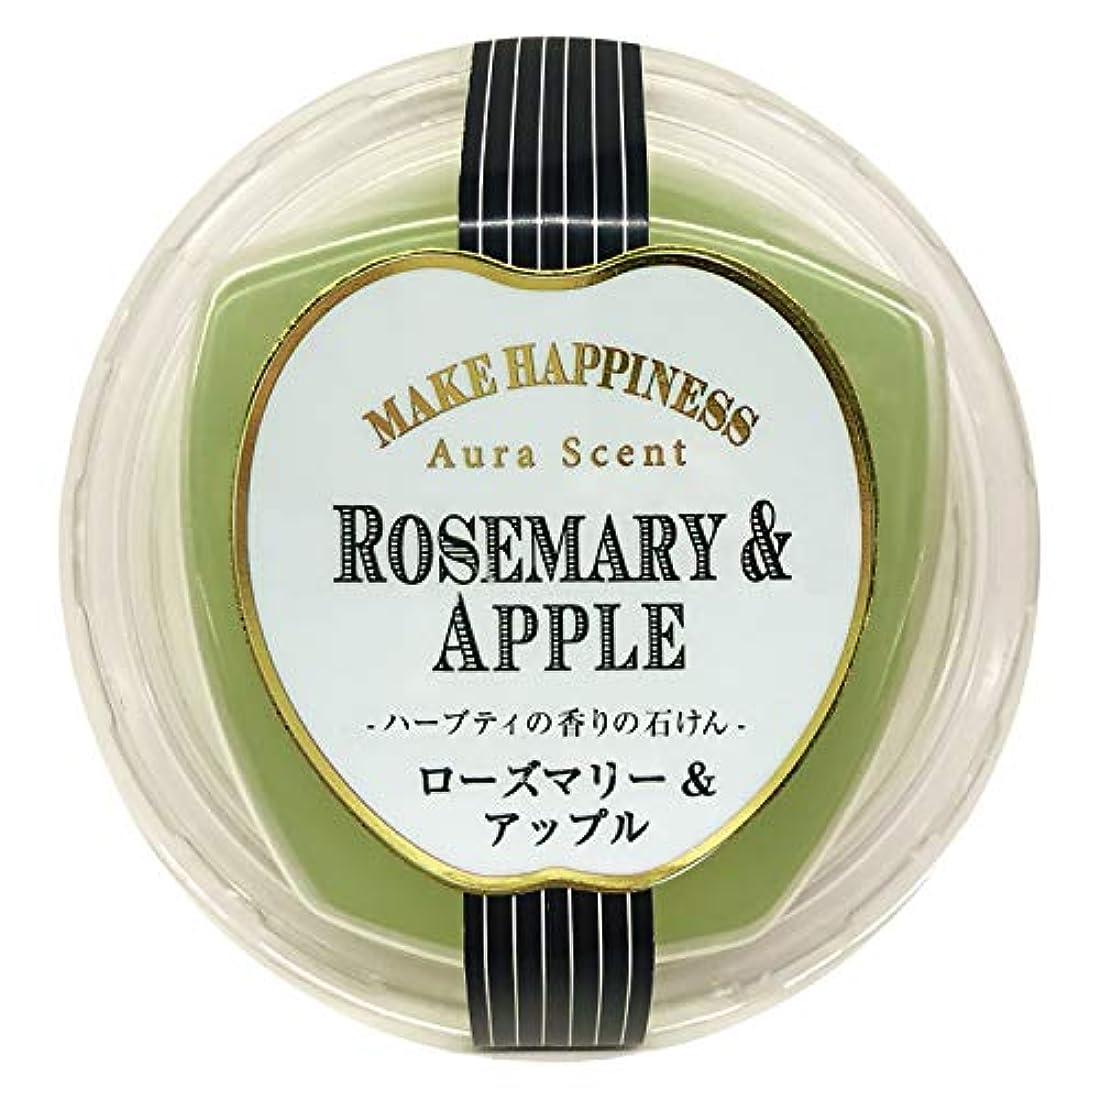 ヨーロッパ転送いちゃつくペリカン石鹸 オーラセント クリアソープローズマリー&アップル 75g